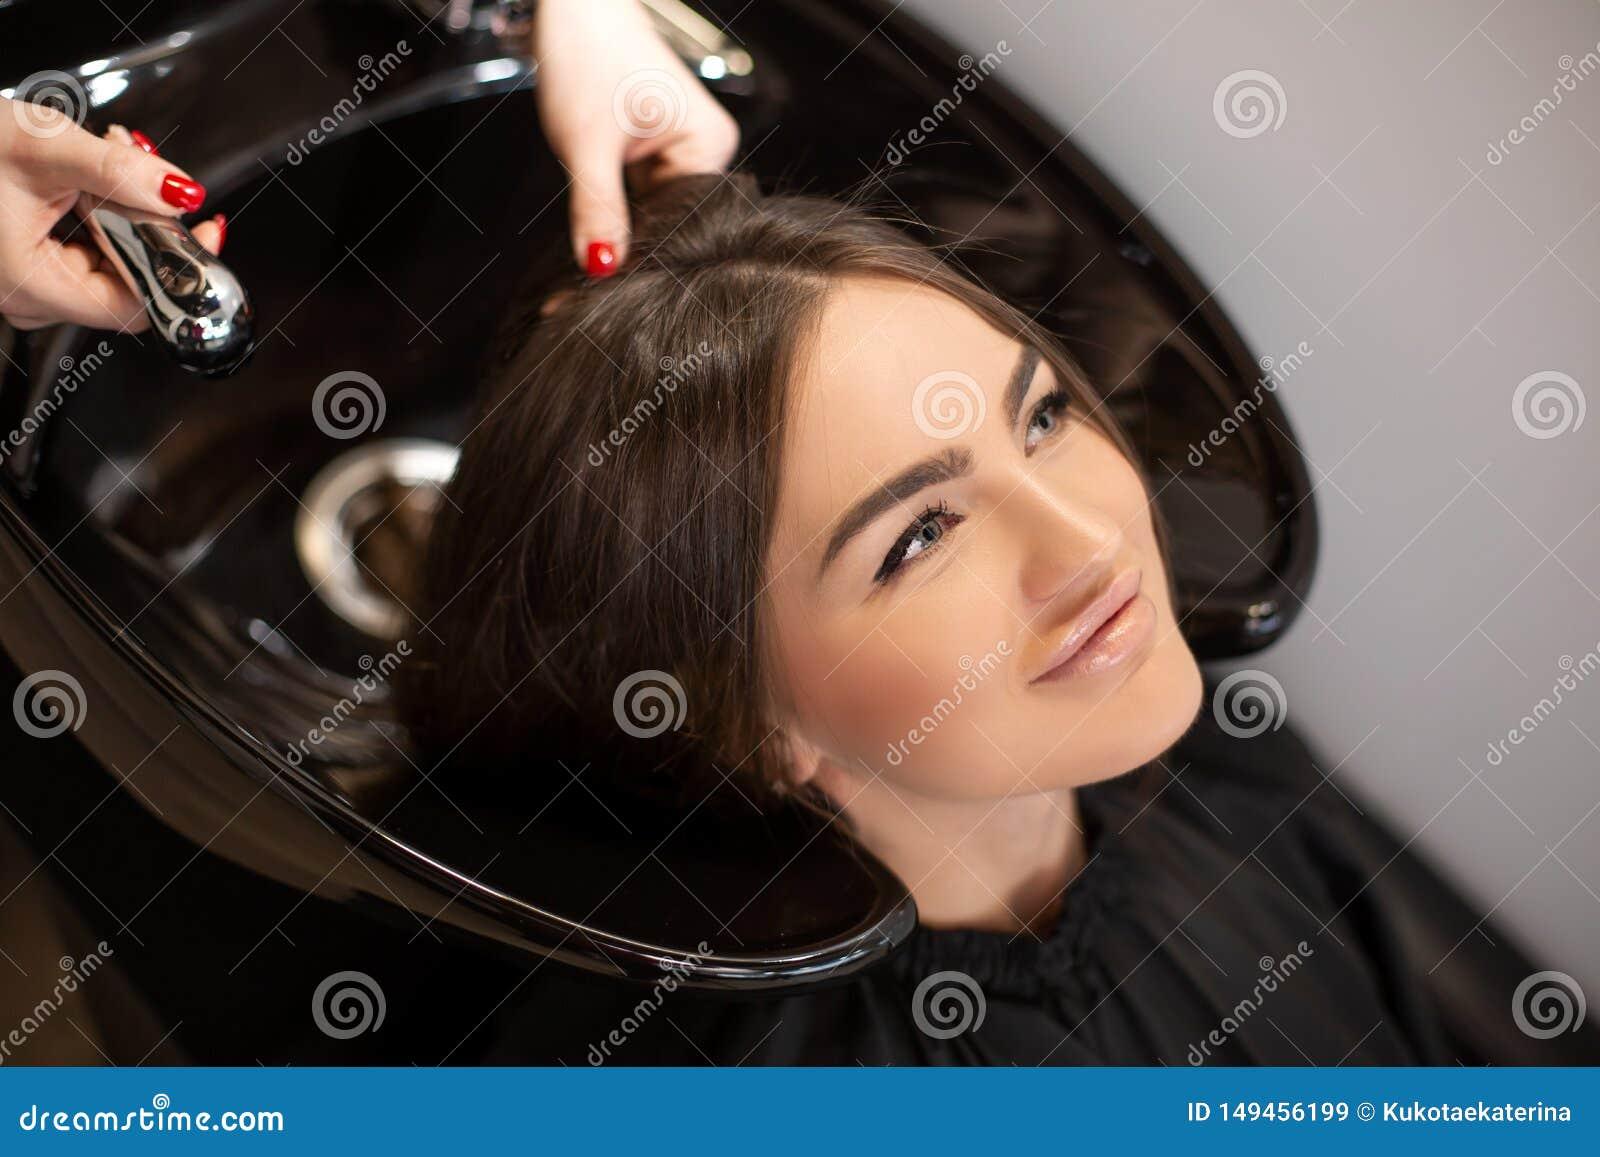 Ο κύριος κουρέματος πλένει την τρίχα του πελάτη της είχε